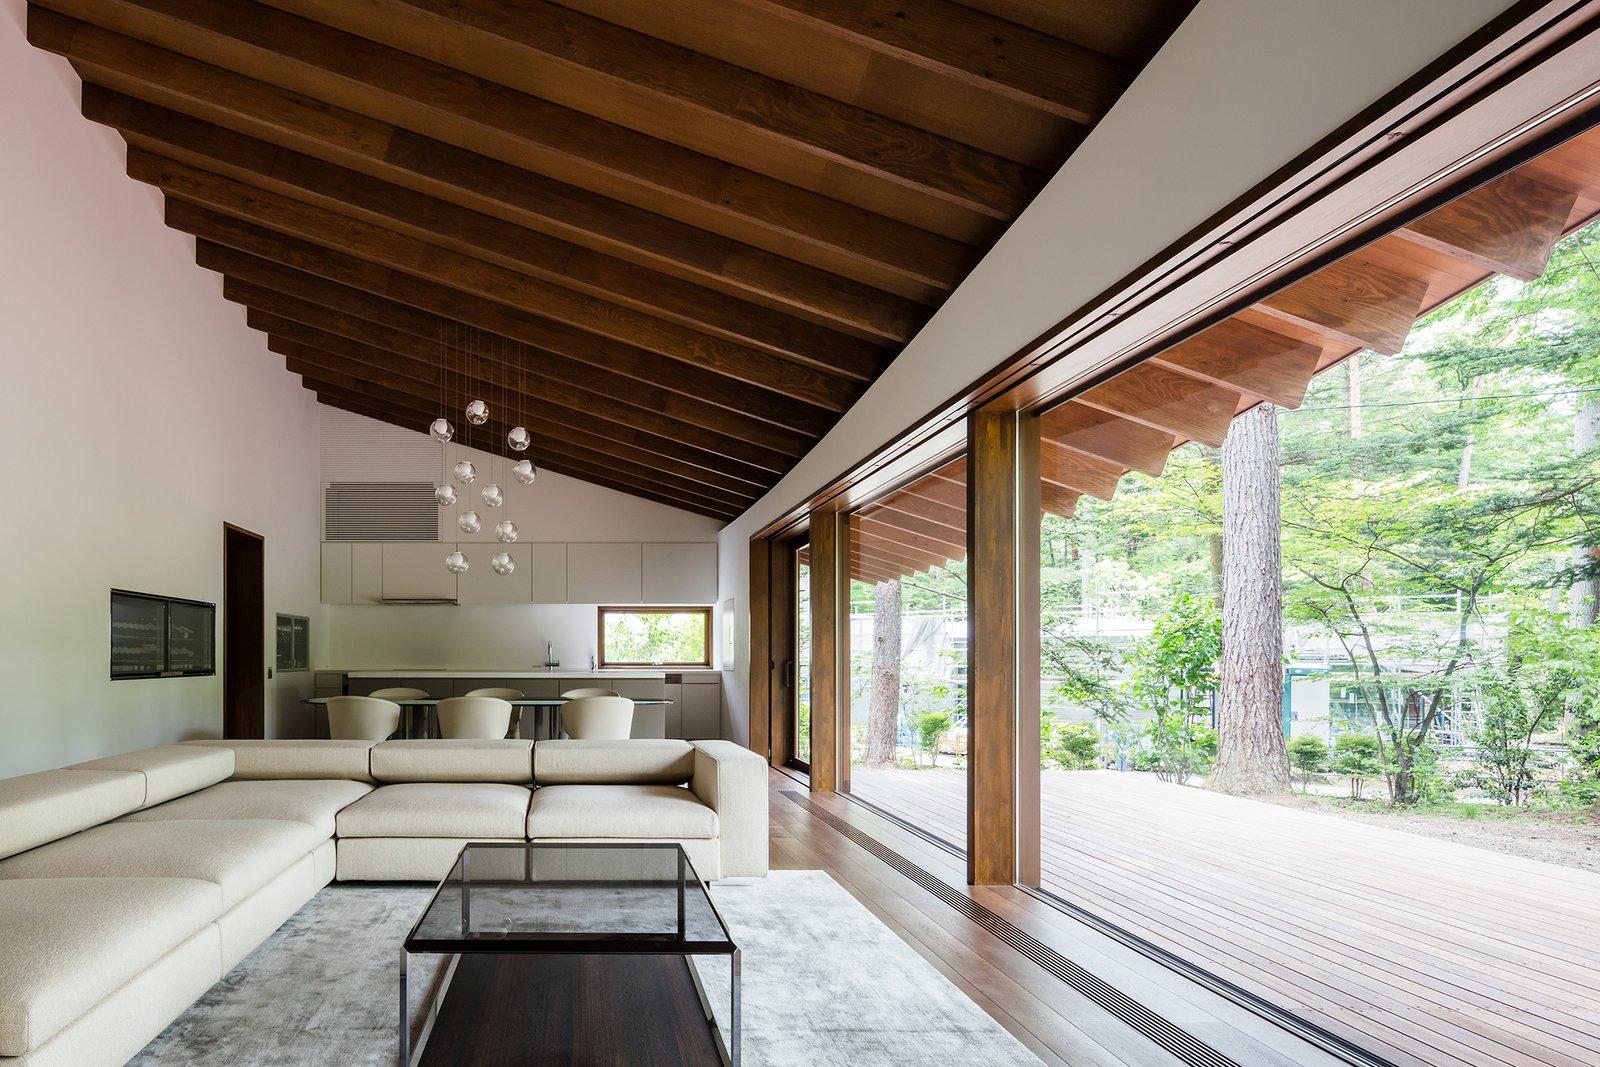 Four Leaves wood ceiling beams